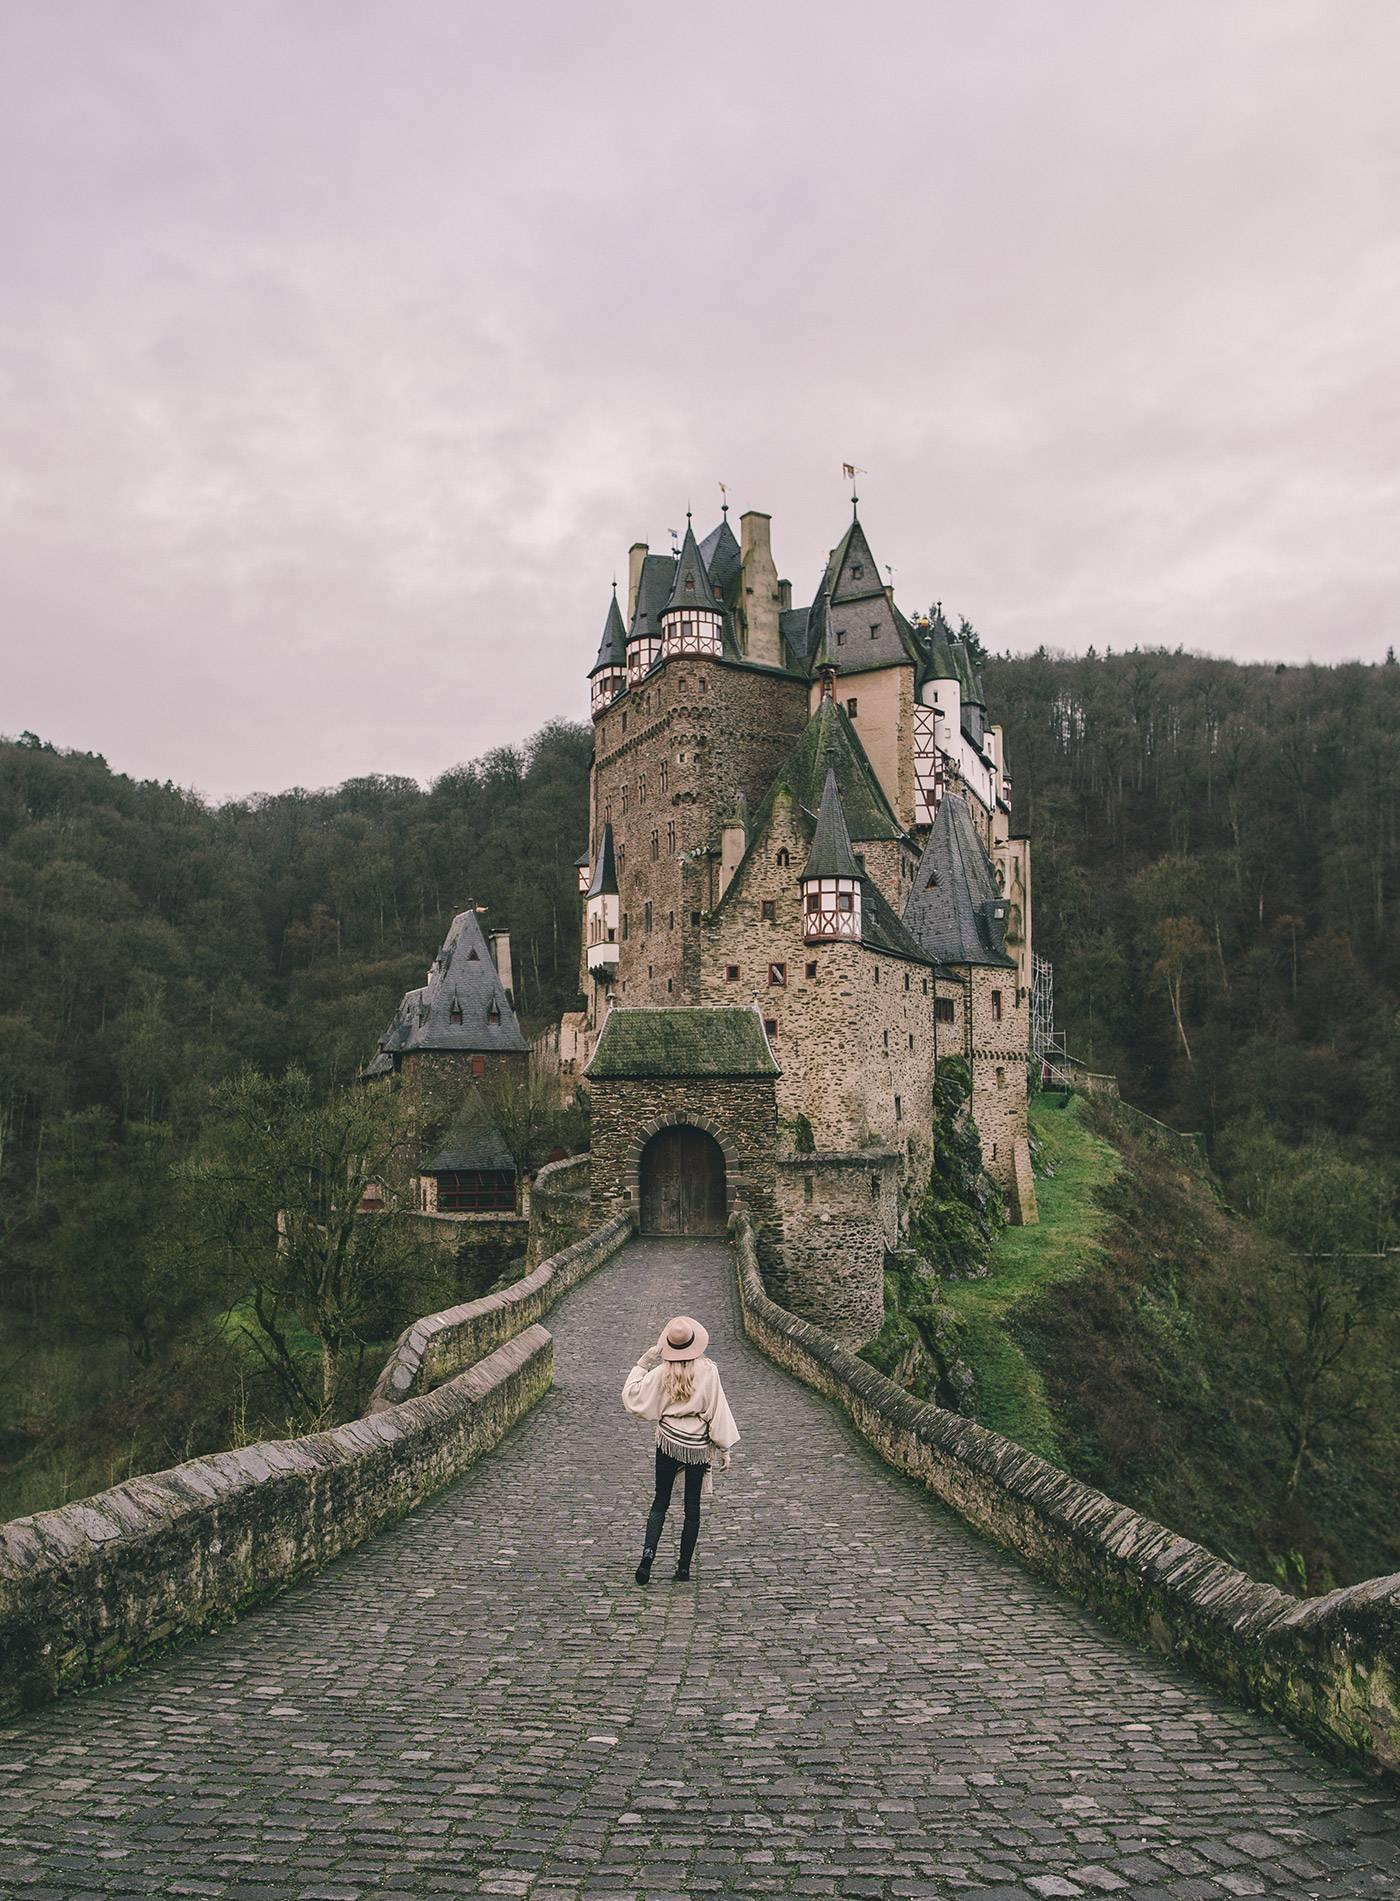 Замок эльц (германия): как добраться? фото, описание и отзывы туристов